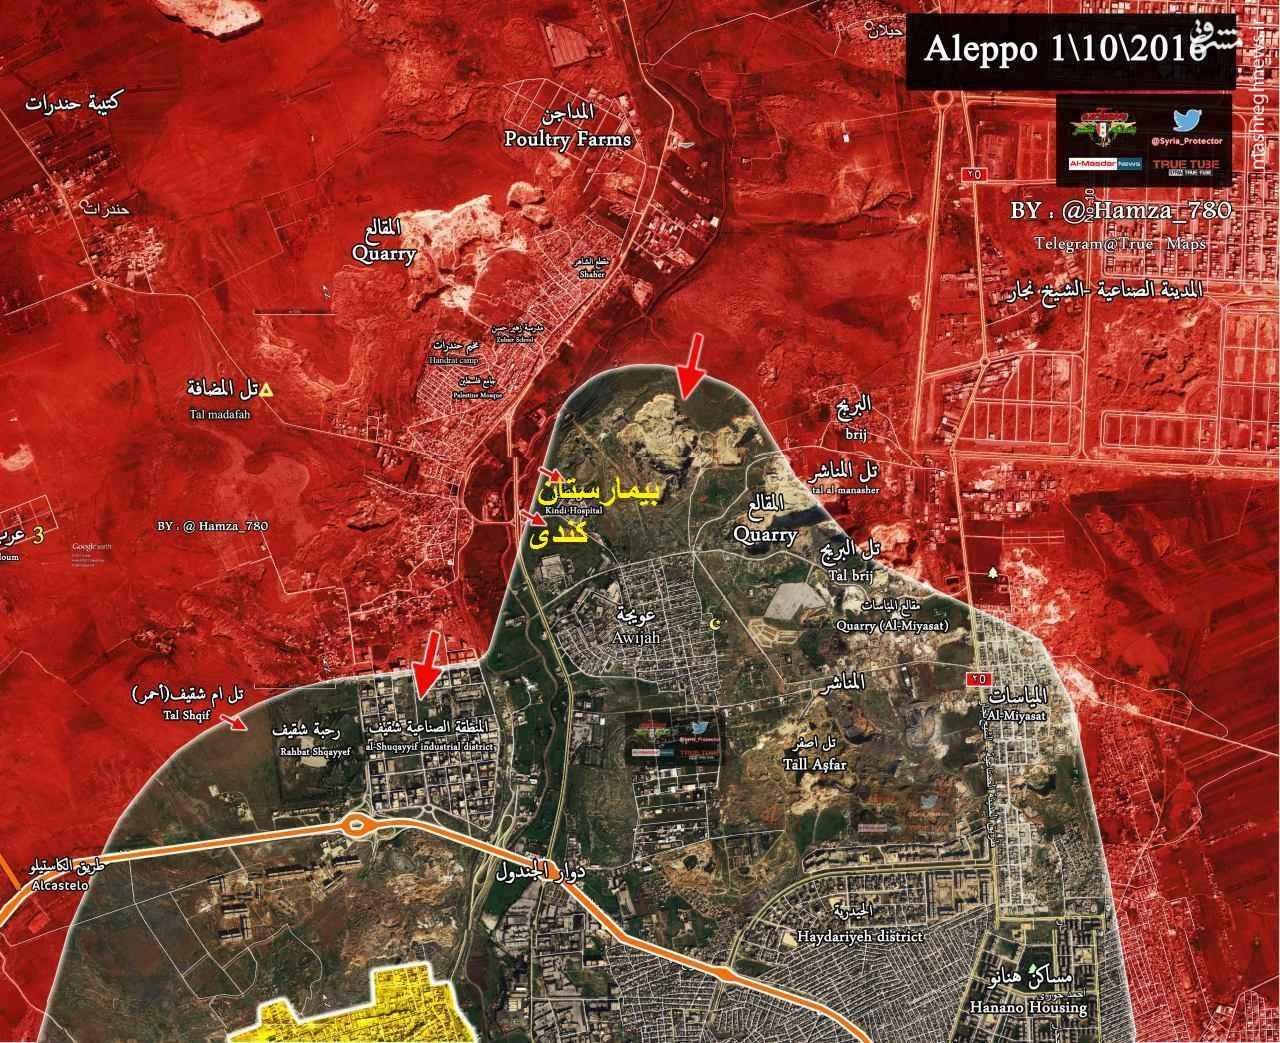 سیطره کامل ارتش سوریه بر بیمارستان کندی حلب+نقشه